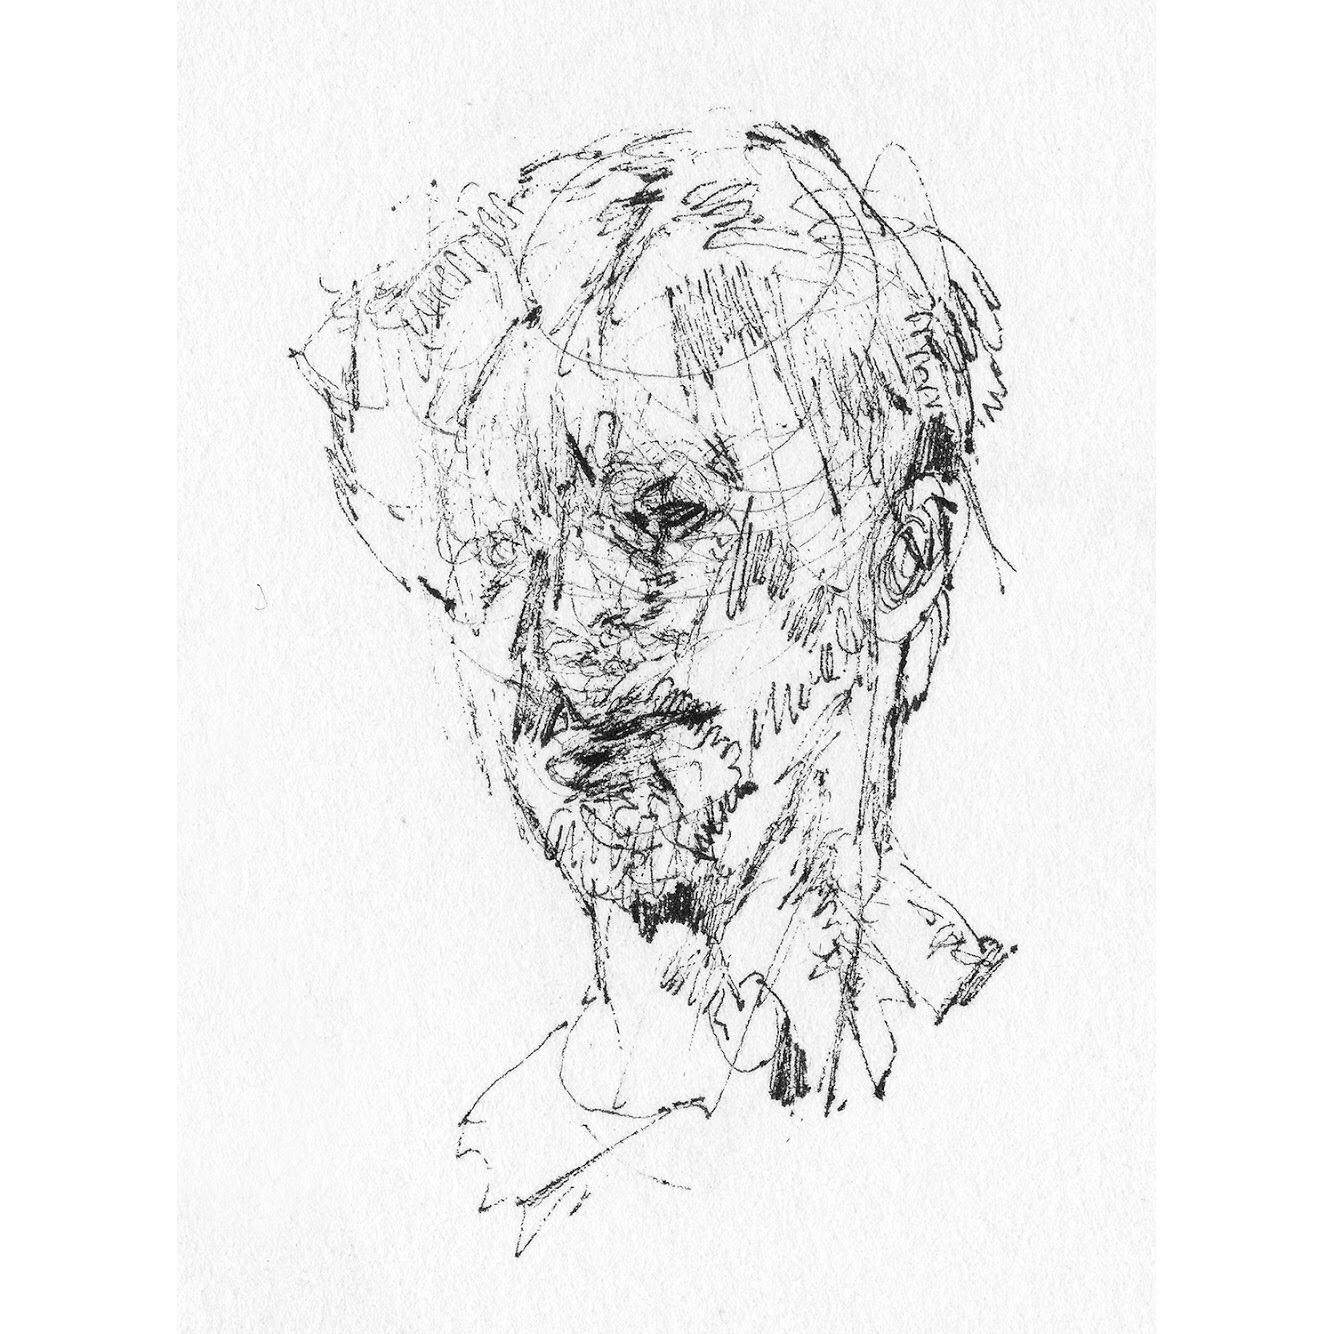 sketch by Jaeyeol Han